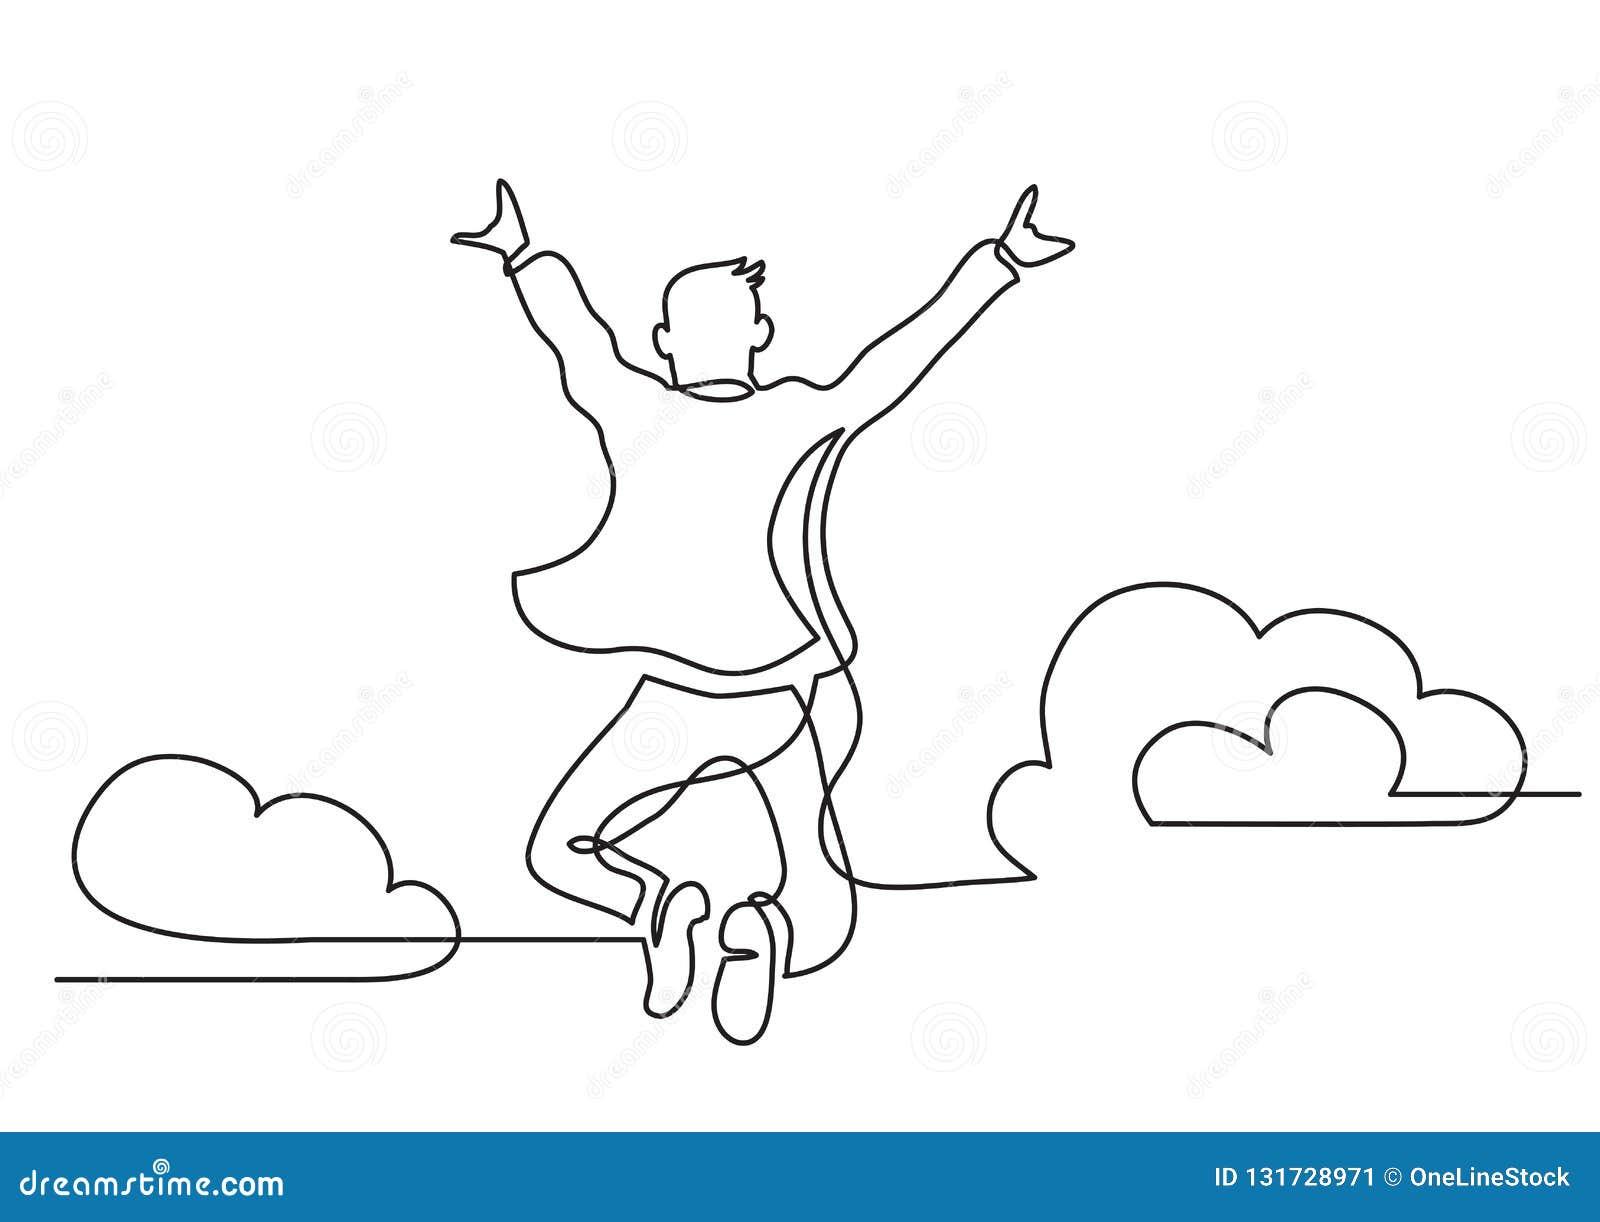 En linje teckning av lycklig man som hoppar högre moln